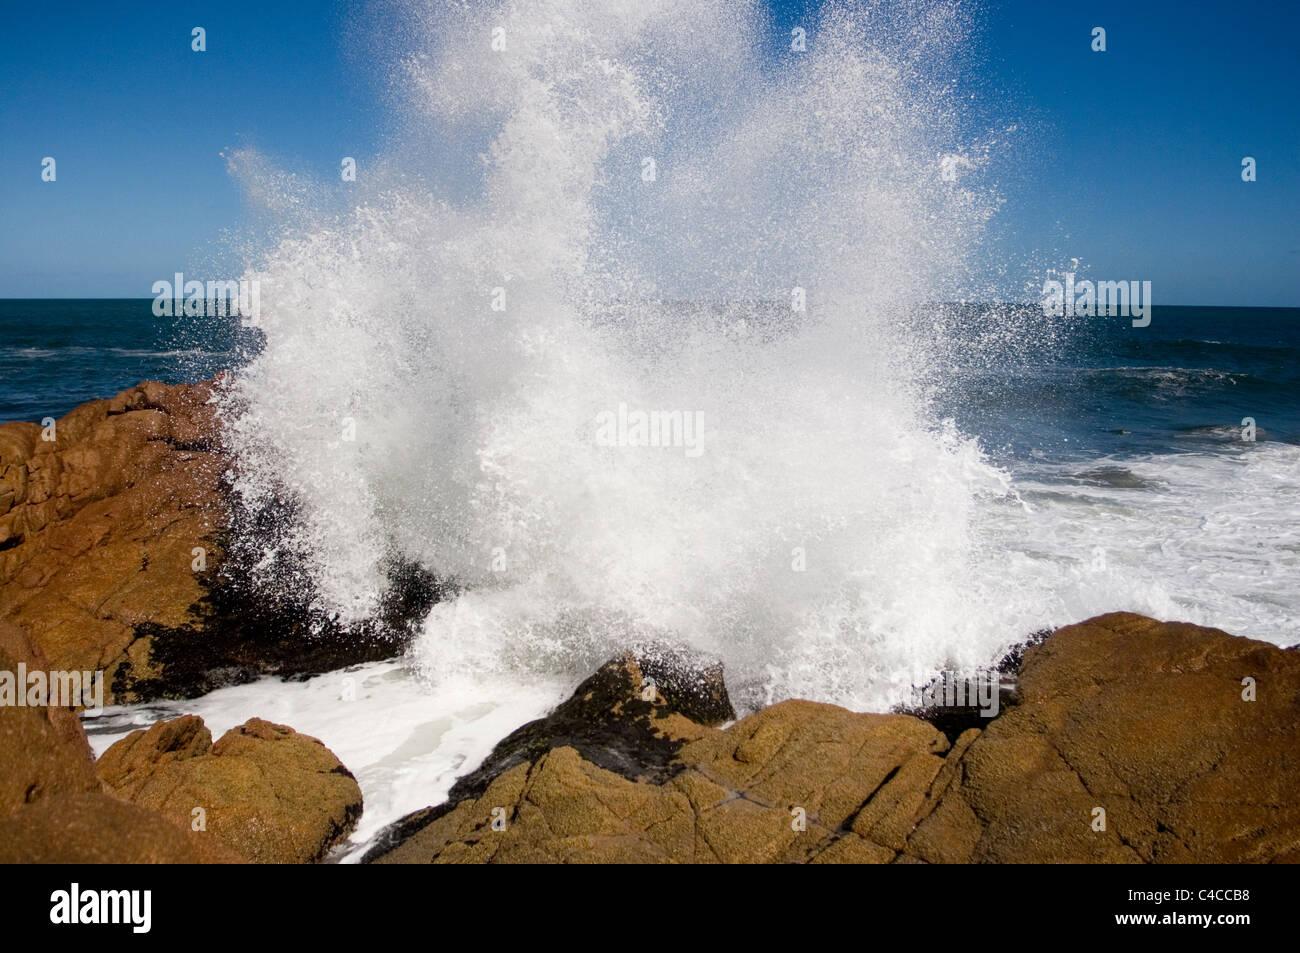 Waves crashing on the shore of Cabo Polonio. Uruguay. - Stock Image